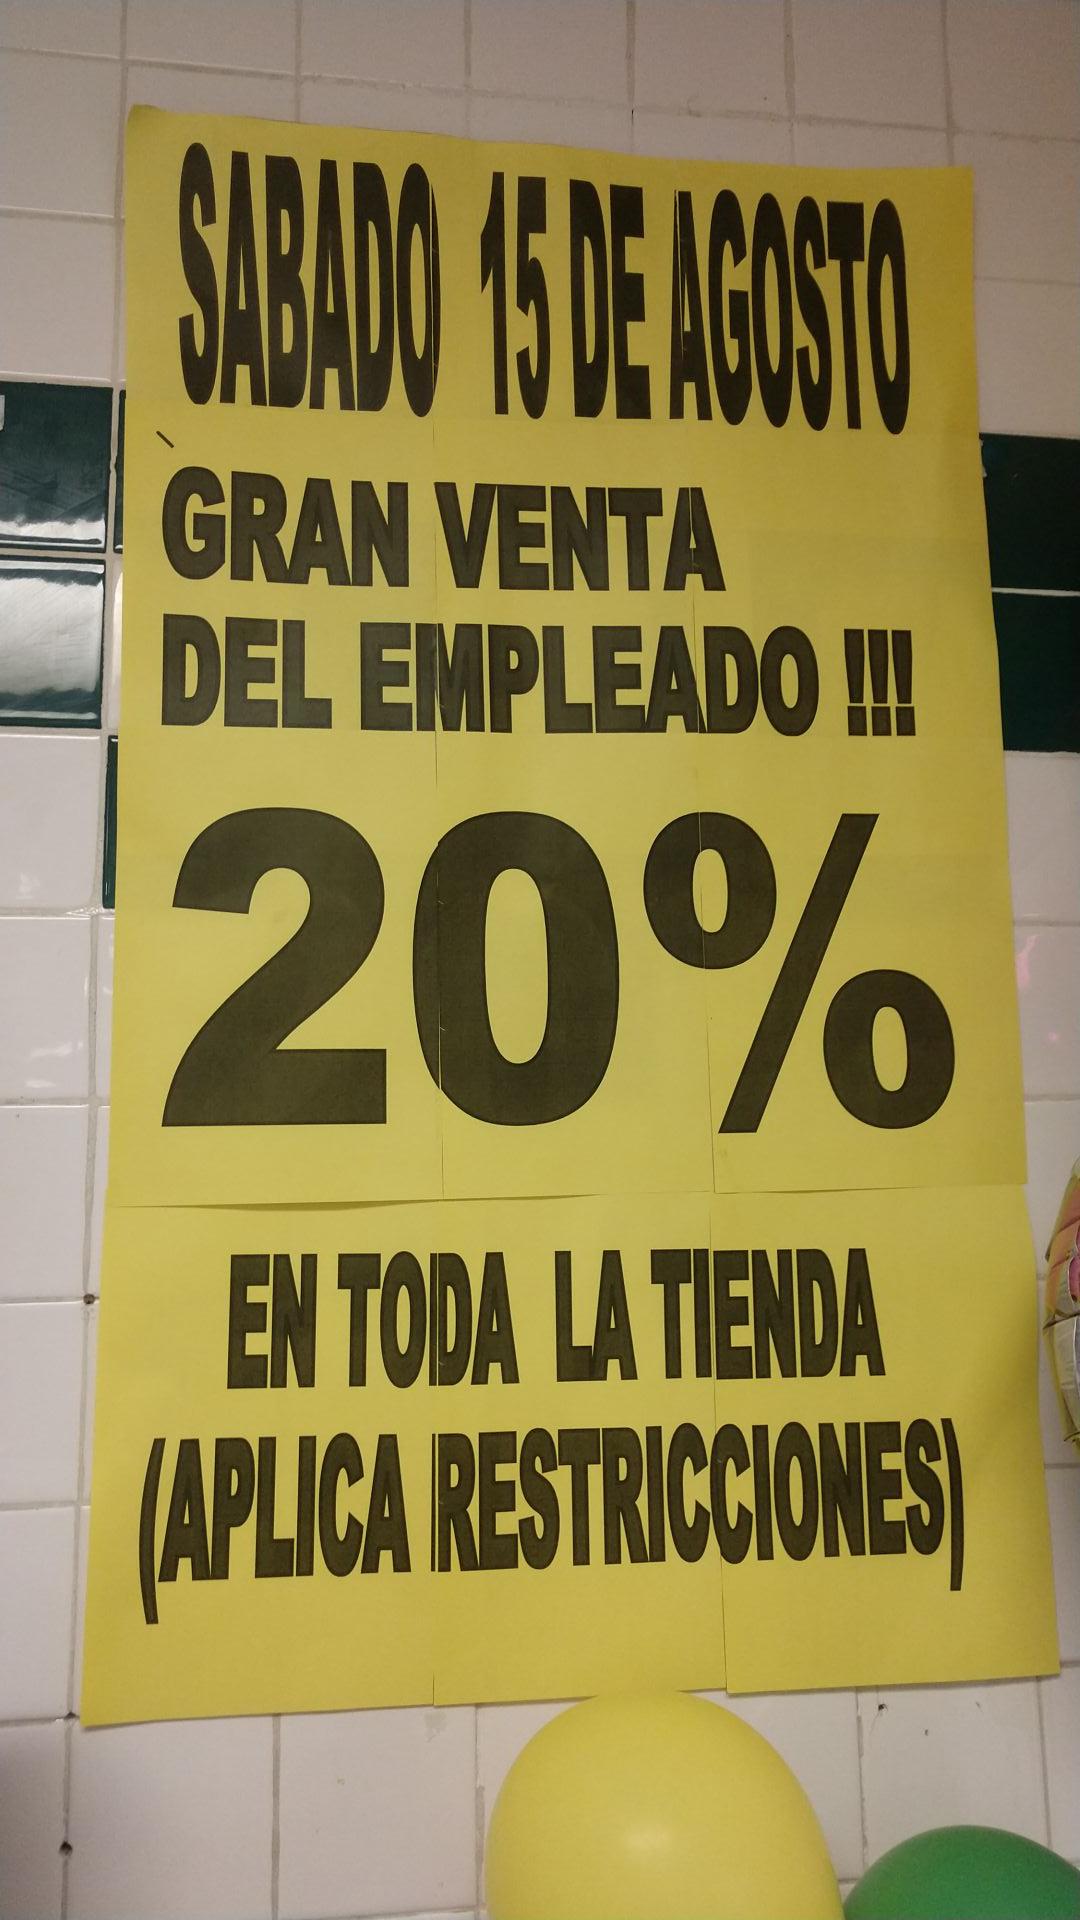 Venta de empleado de Soriana 20 % descuento en toda la tienda